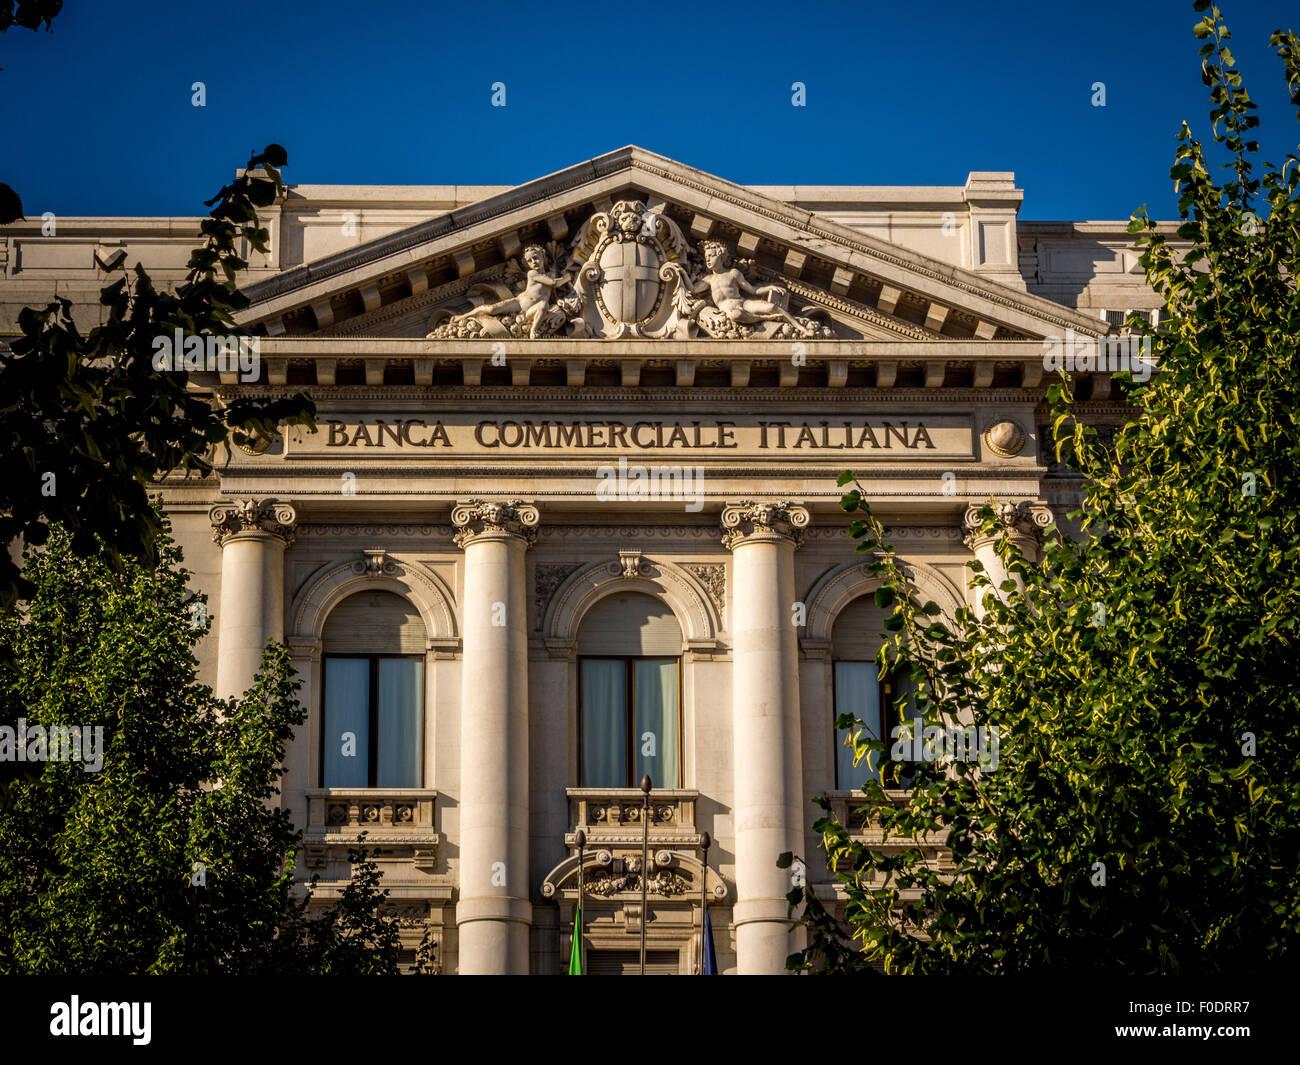 Banca Commerciale Italiana Imagen De Stock